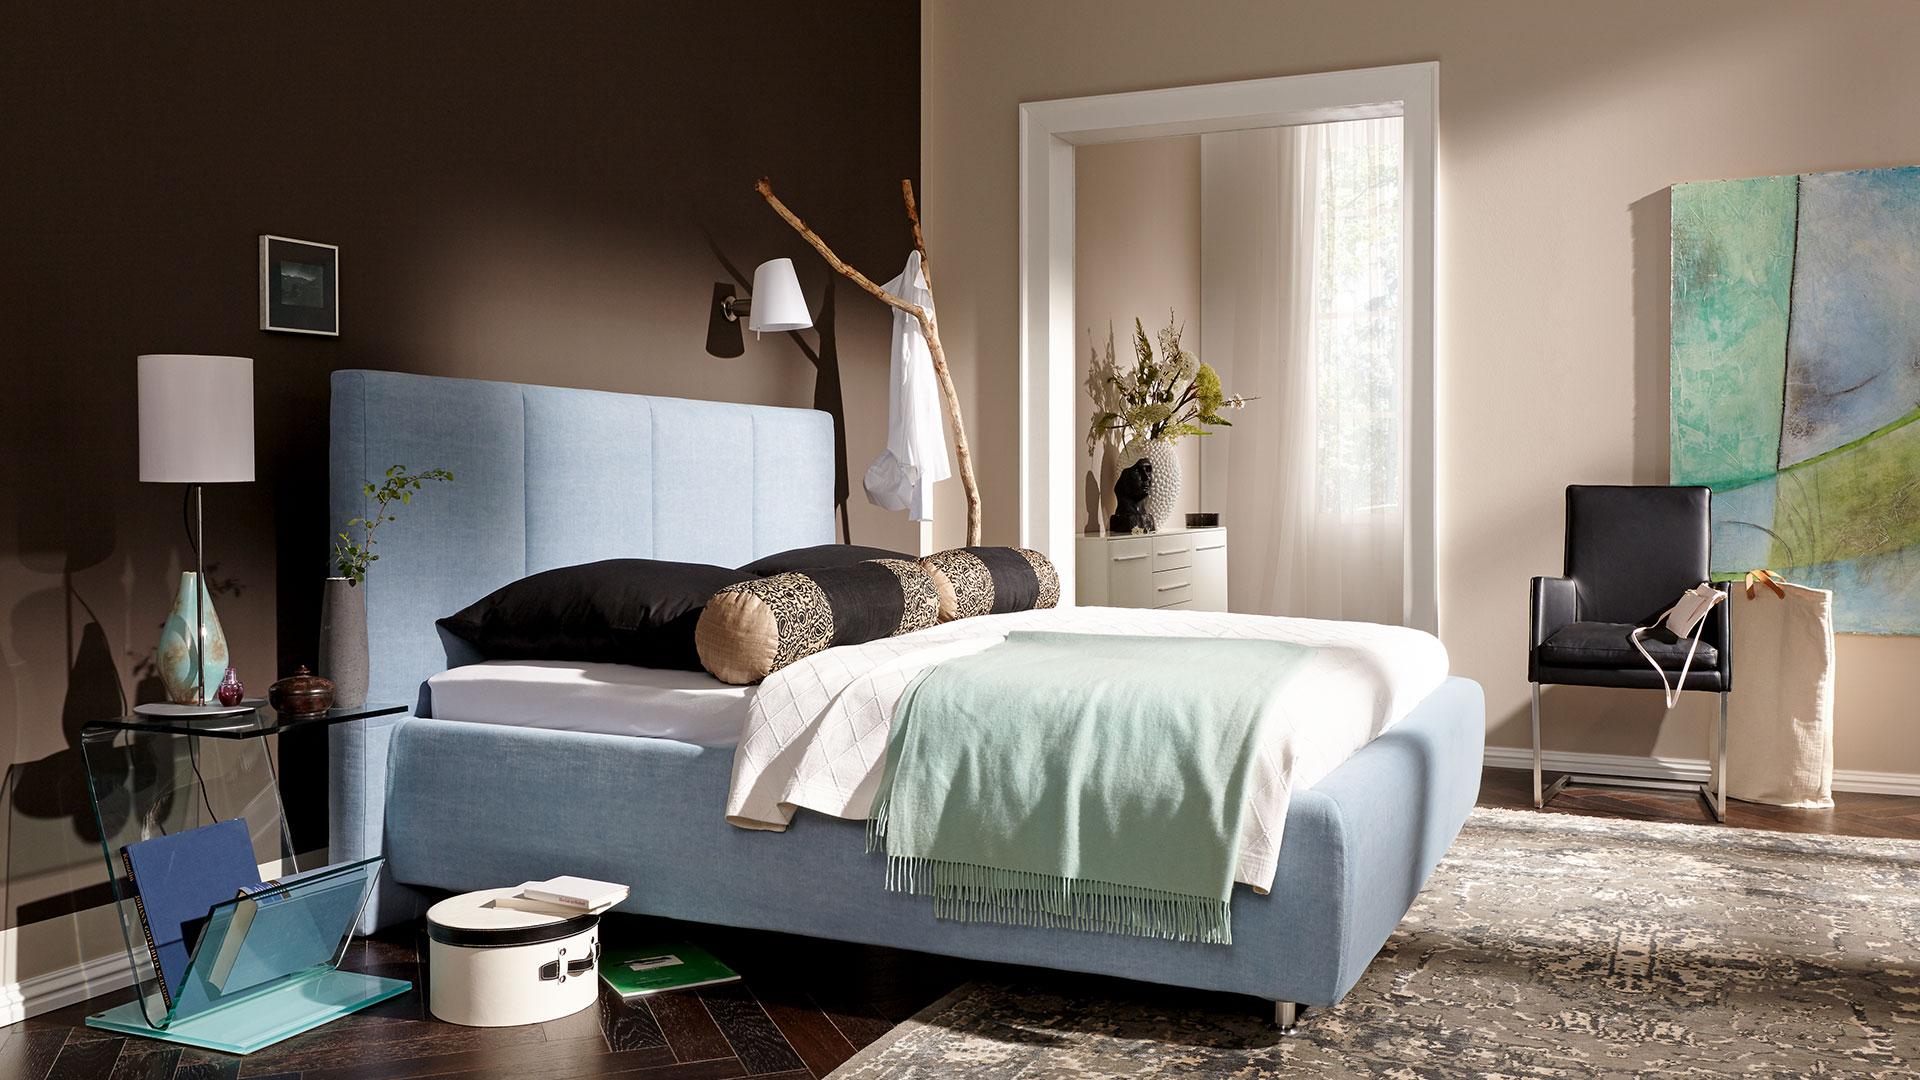 Full Size of Musterring Saphira Hochwertige Betten Esstisch Wohnzimmer Musterring Saphira